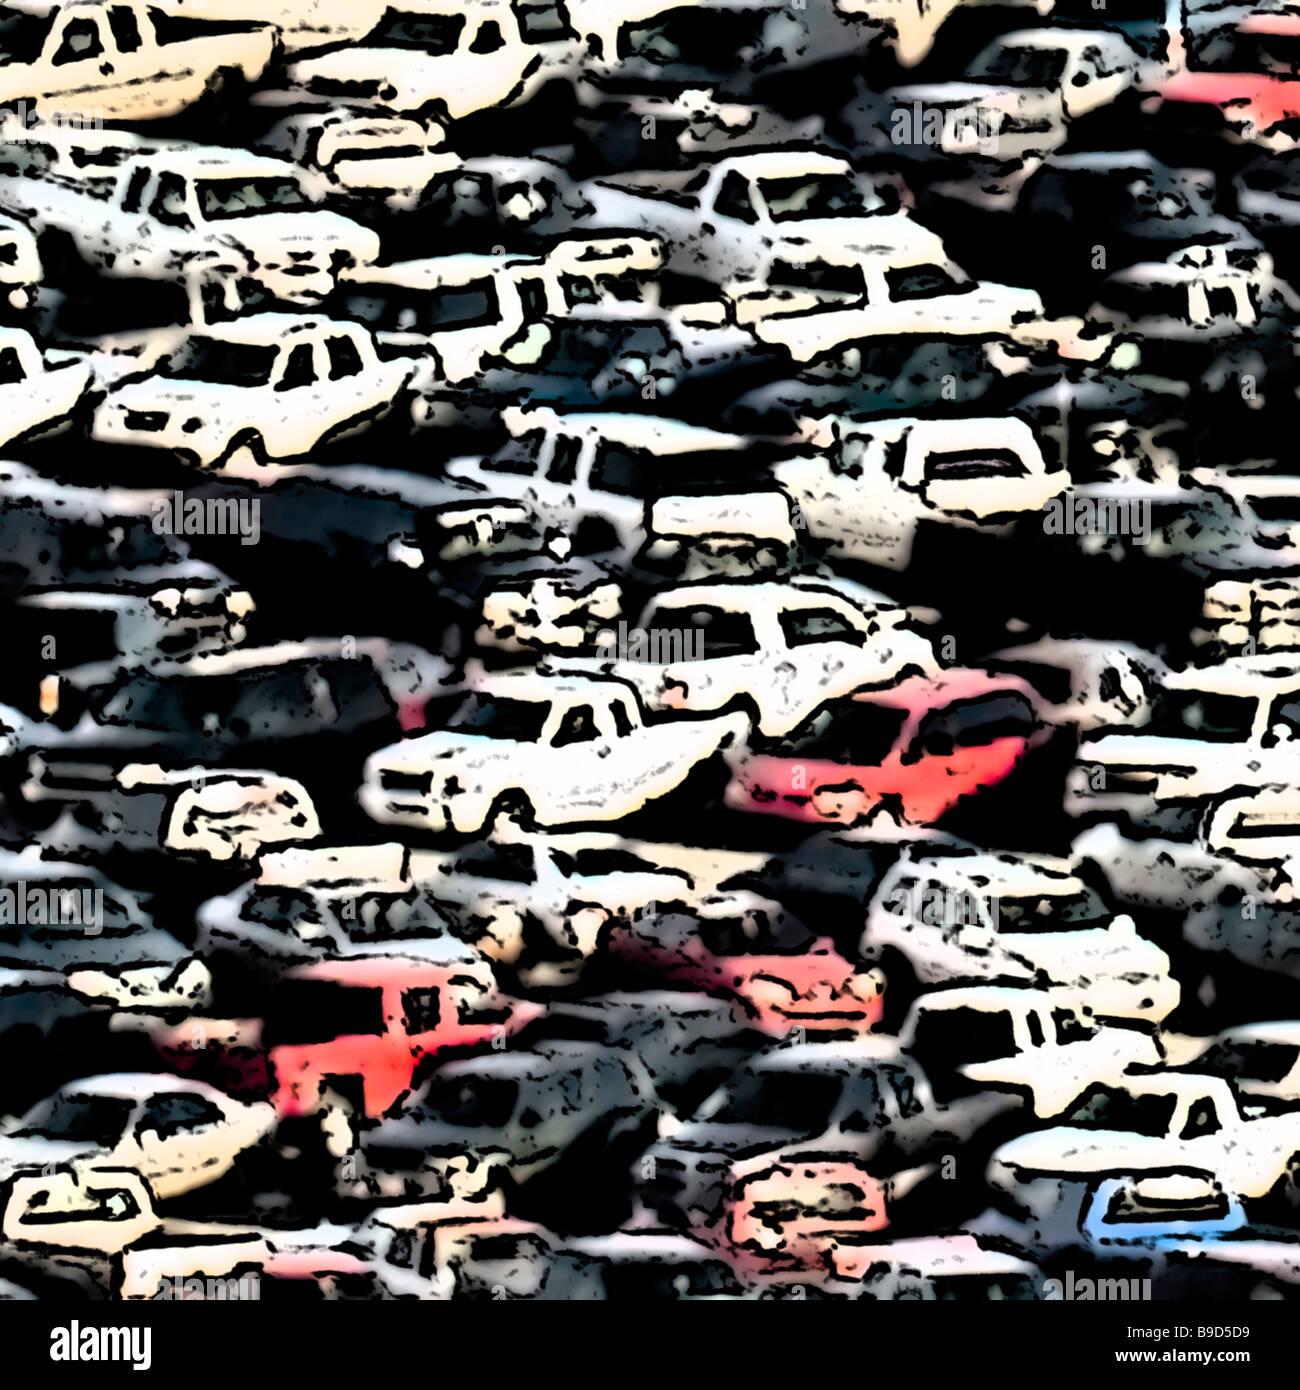 Coches camiones automóviles estacionados arte muchos vehículos Imagen De Stock